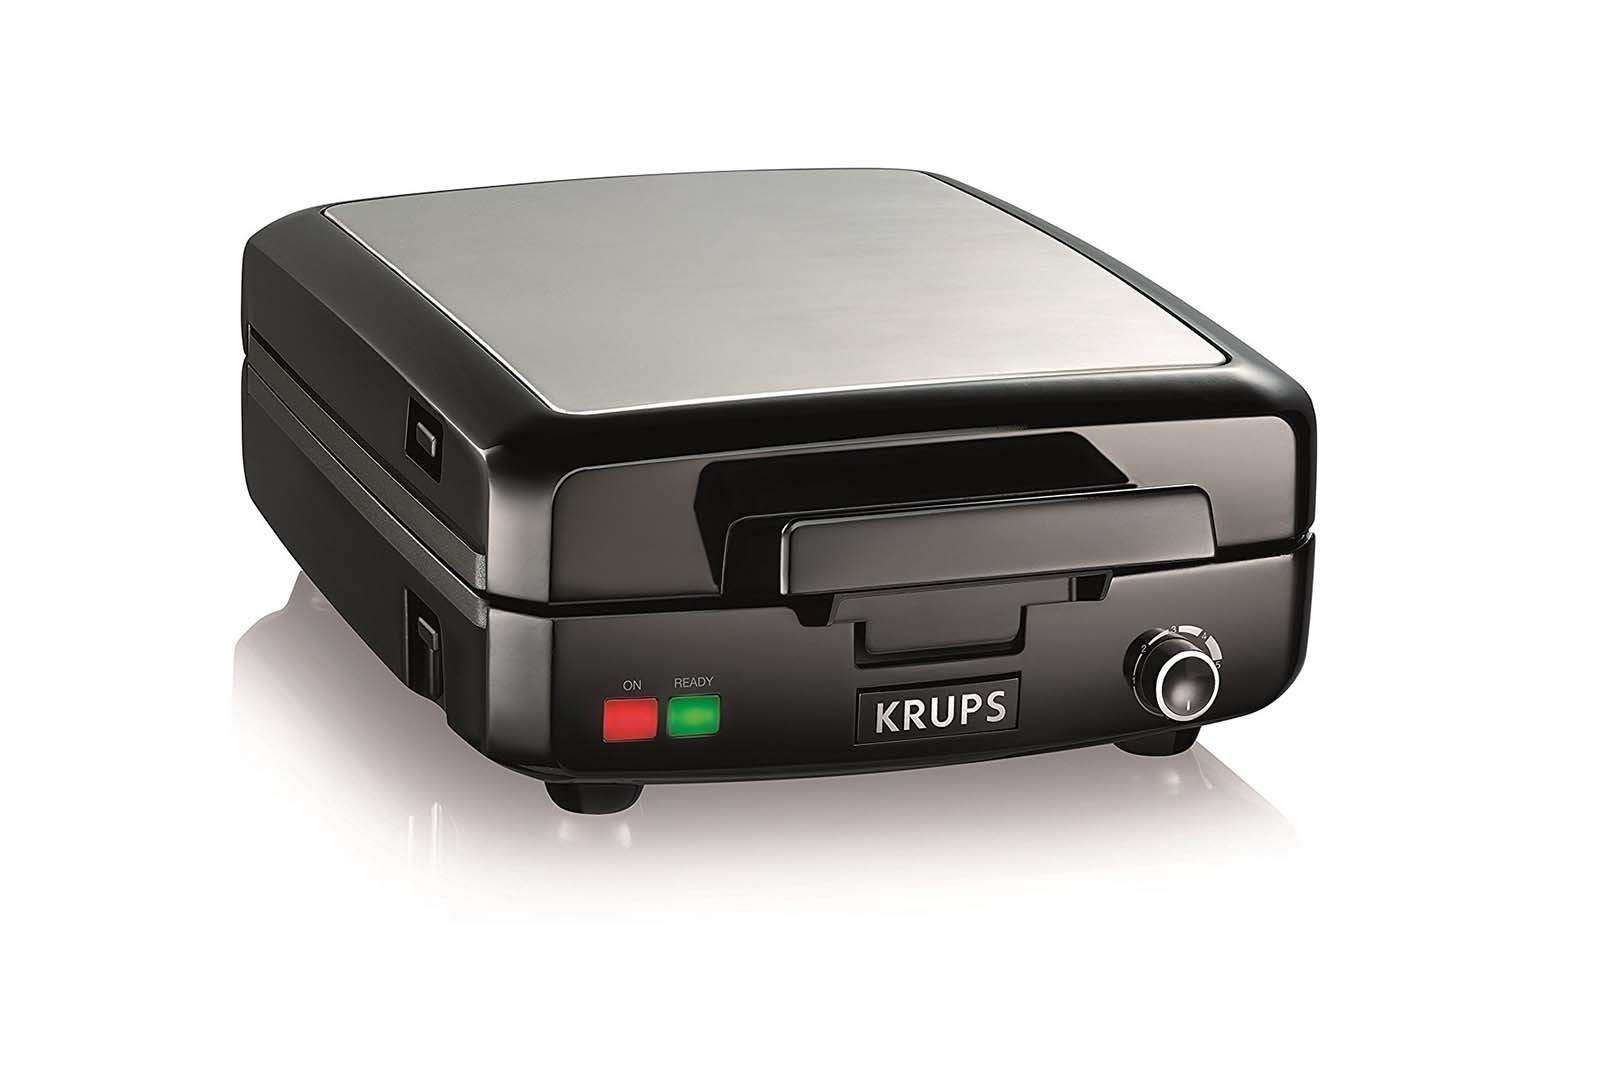 Krups GQ502D Waffle Maker.